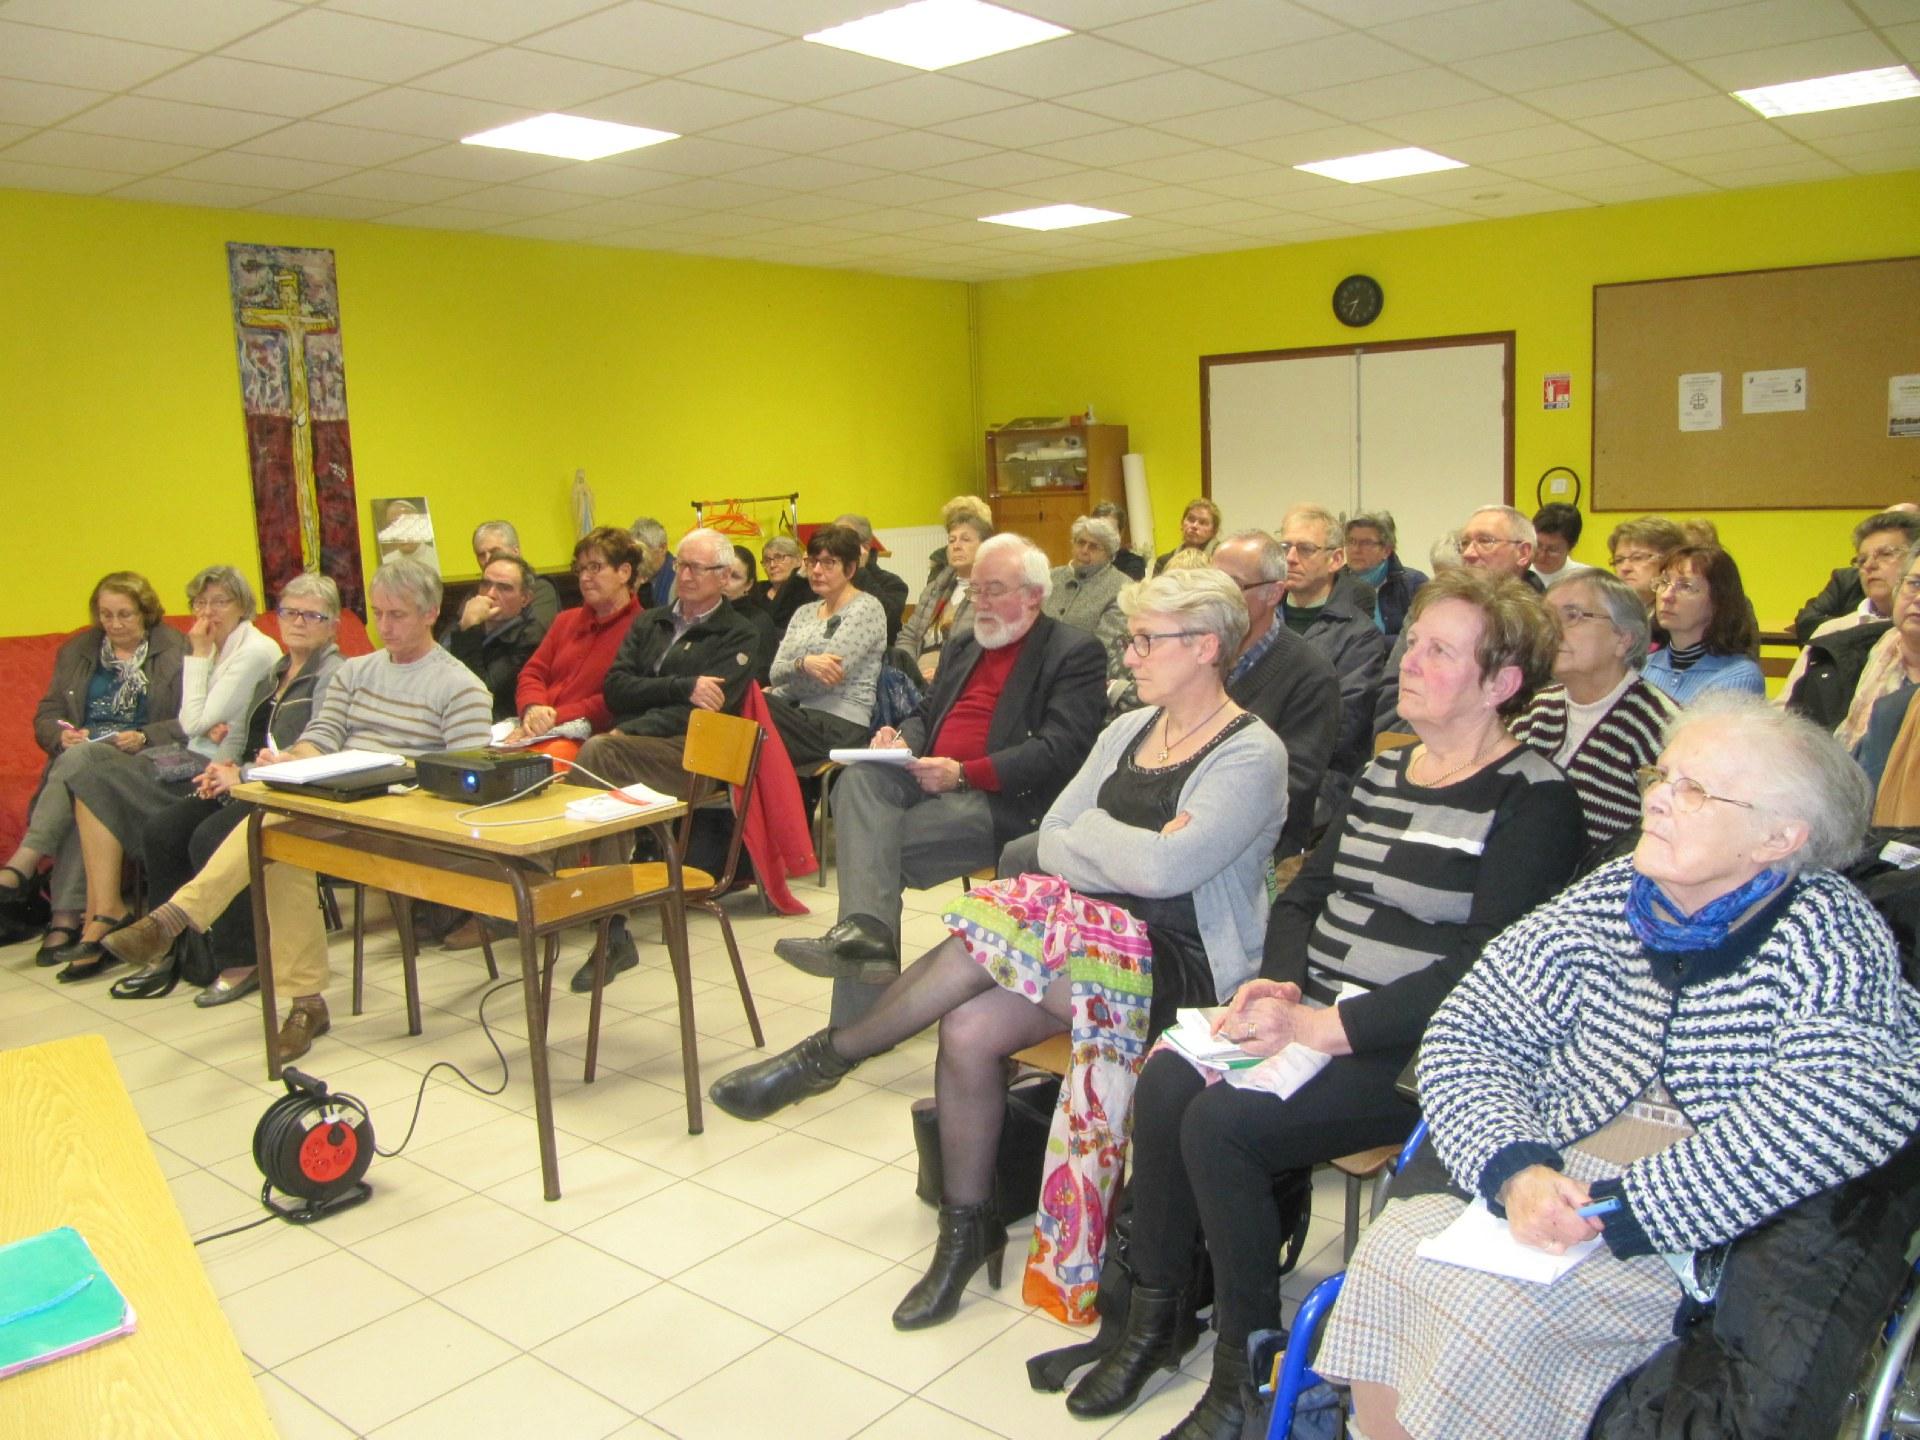 Rencontre autour de laudato si 39 en paroisse for Salon voyance 2017